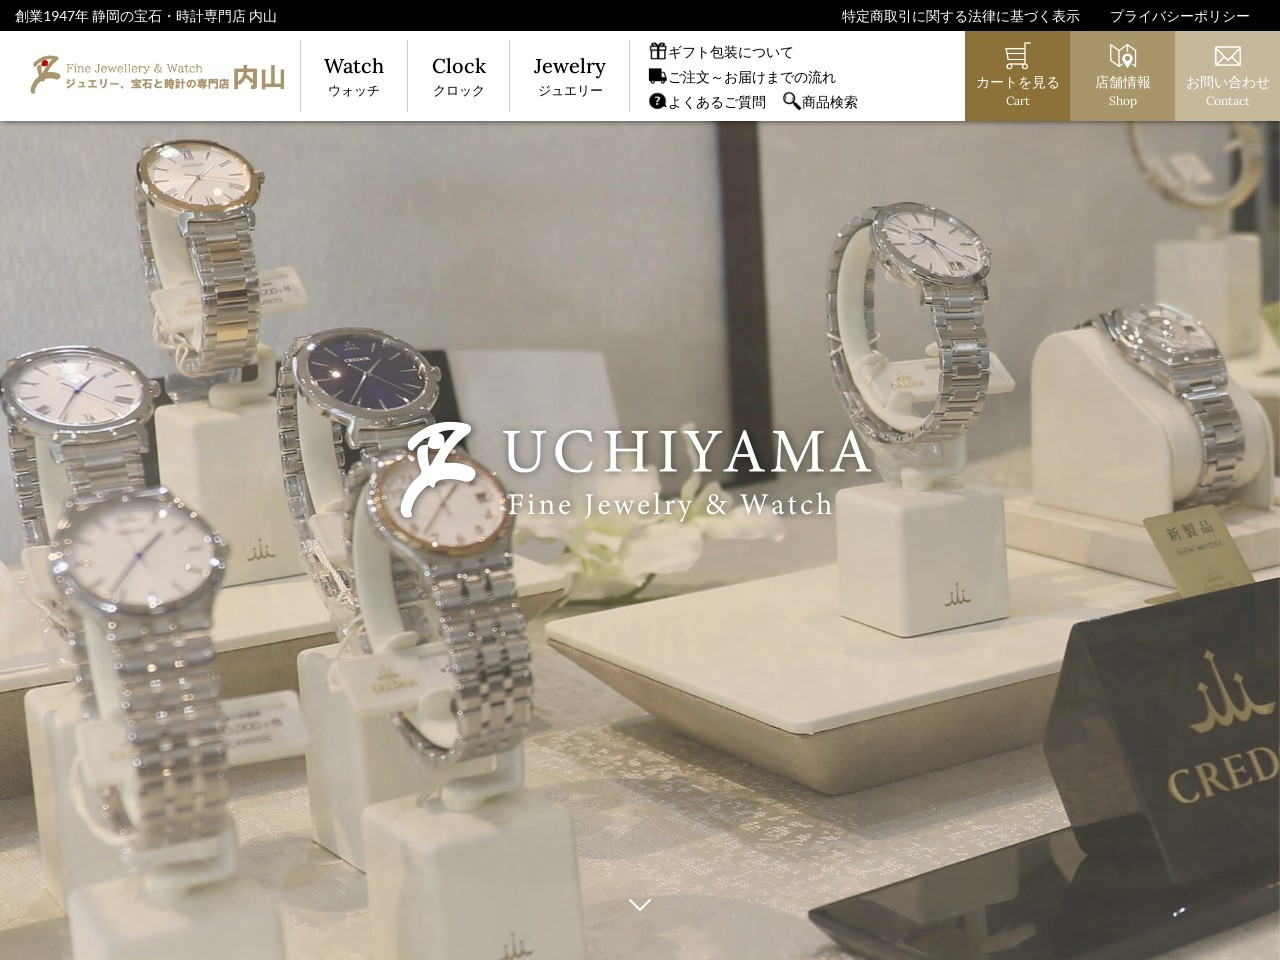 静岡市清水区のジュエリー、宝石、時計専門店「内山」のオンラインショップ